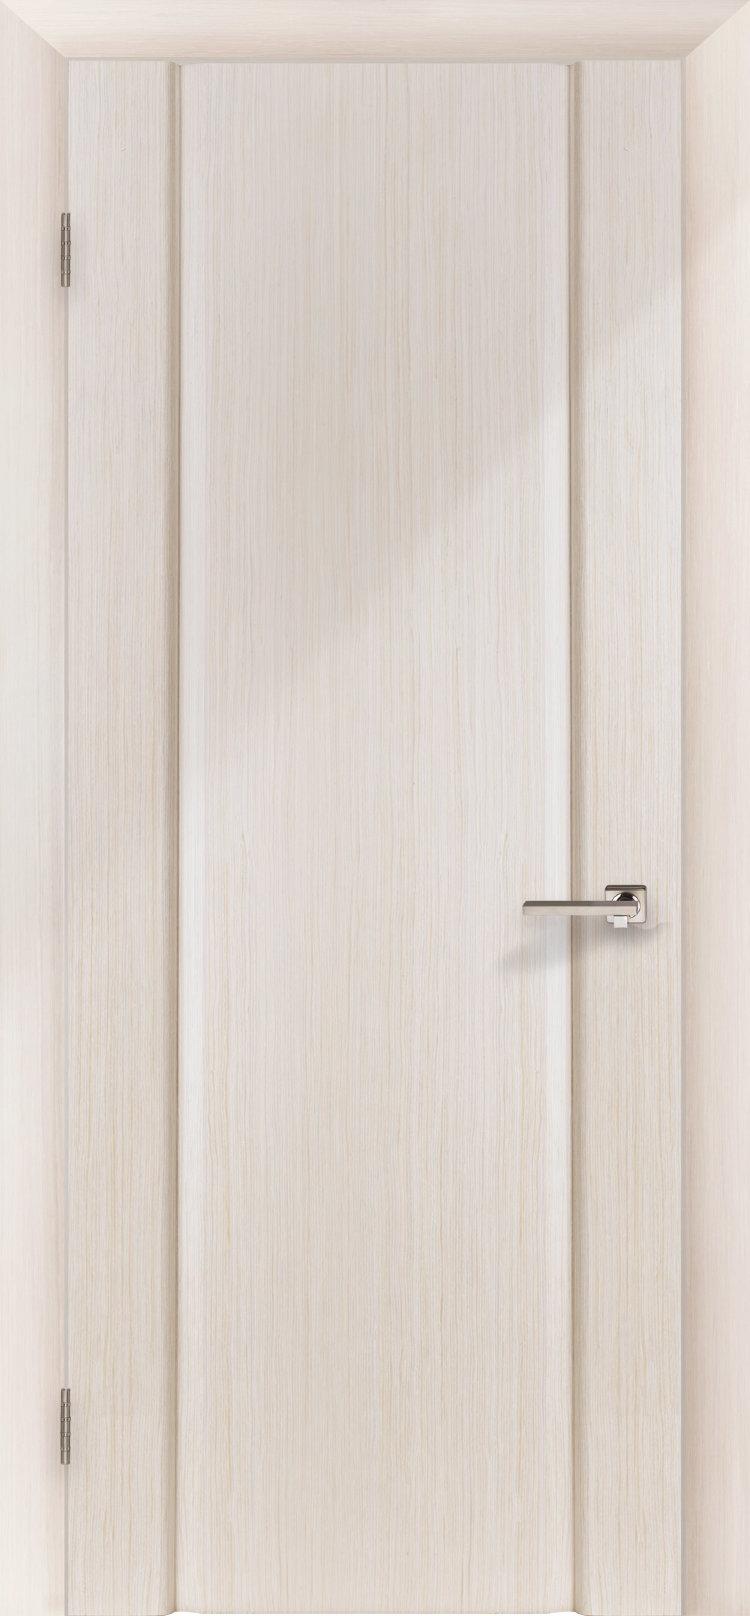 является межкомнатные двери беленый дуб образом, выбор термобелья